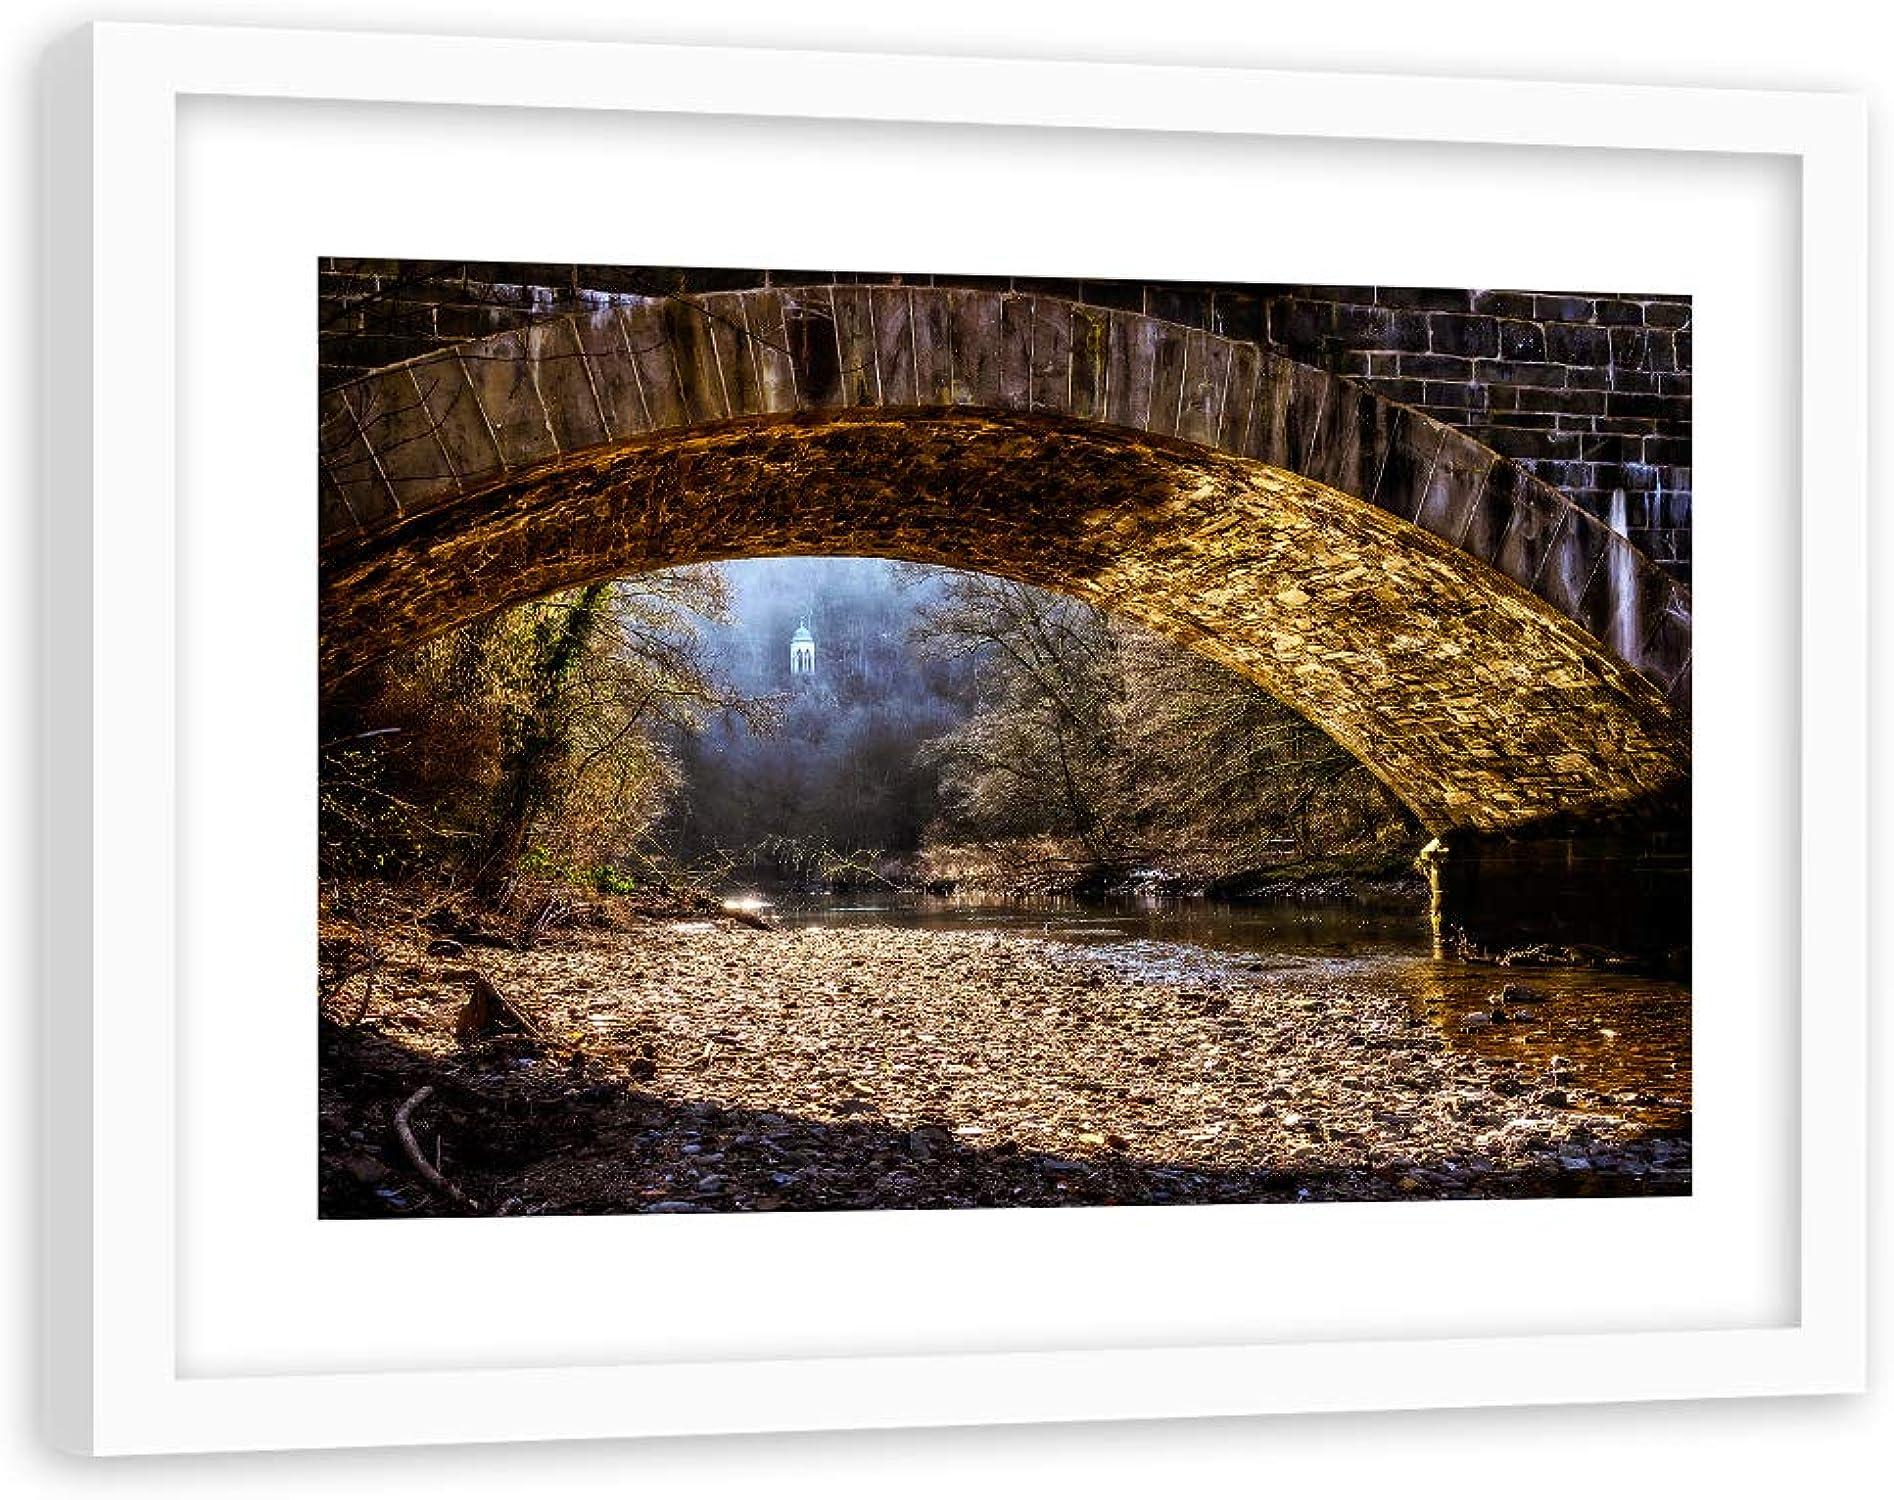 promociones Feeby Impresión de de de Arte Paisaje con Marco blancoo Río Piedras Bosque marrón 90x60 cm  Descuento del 70% barato